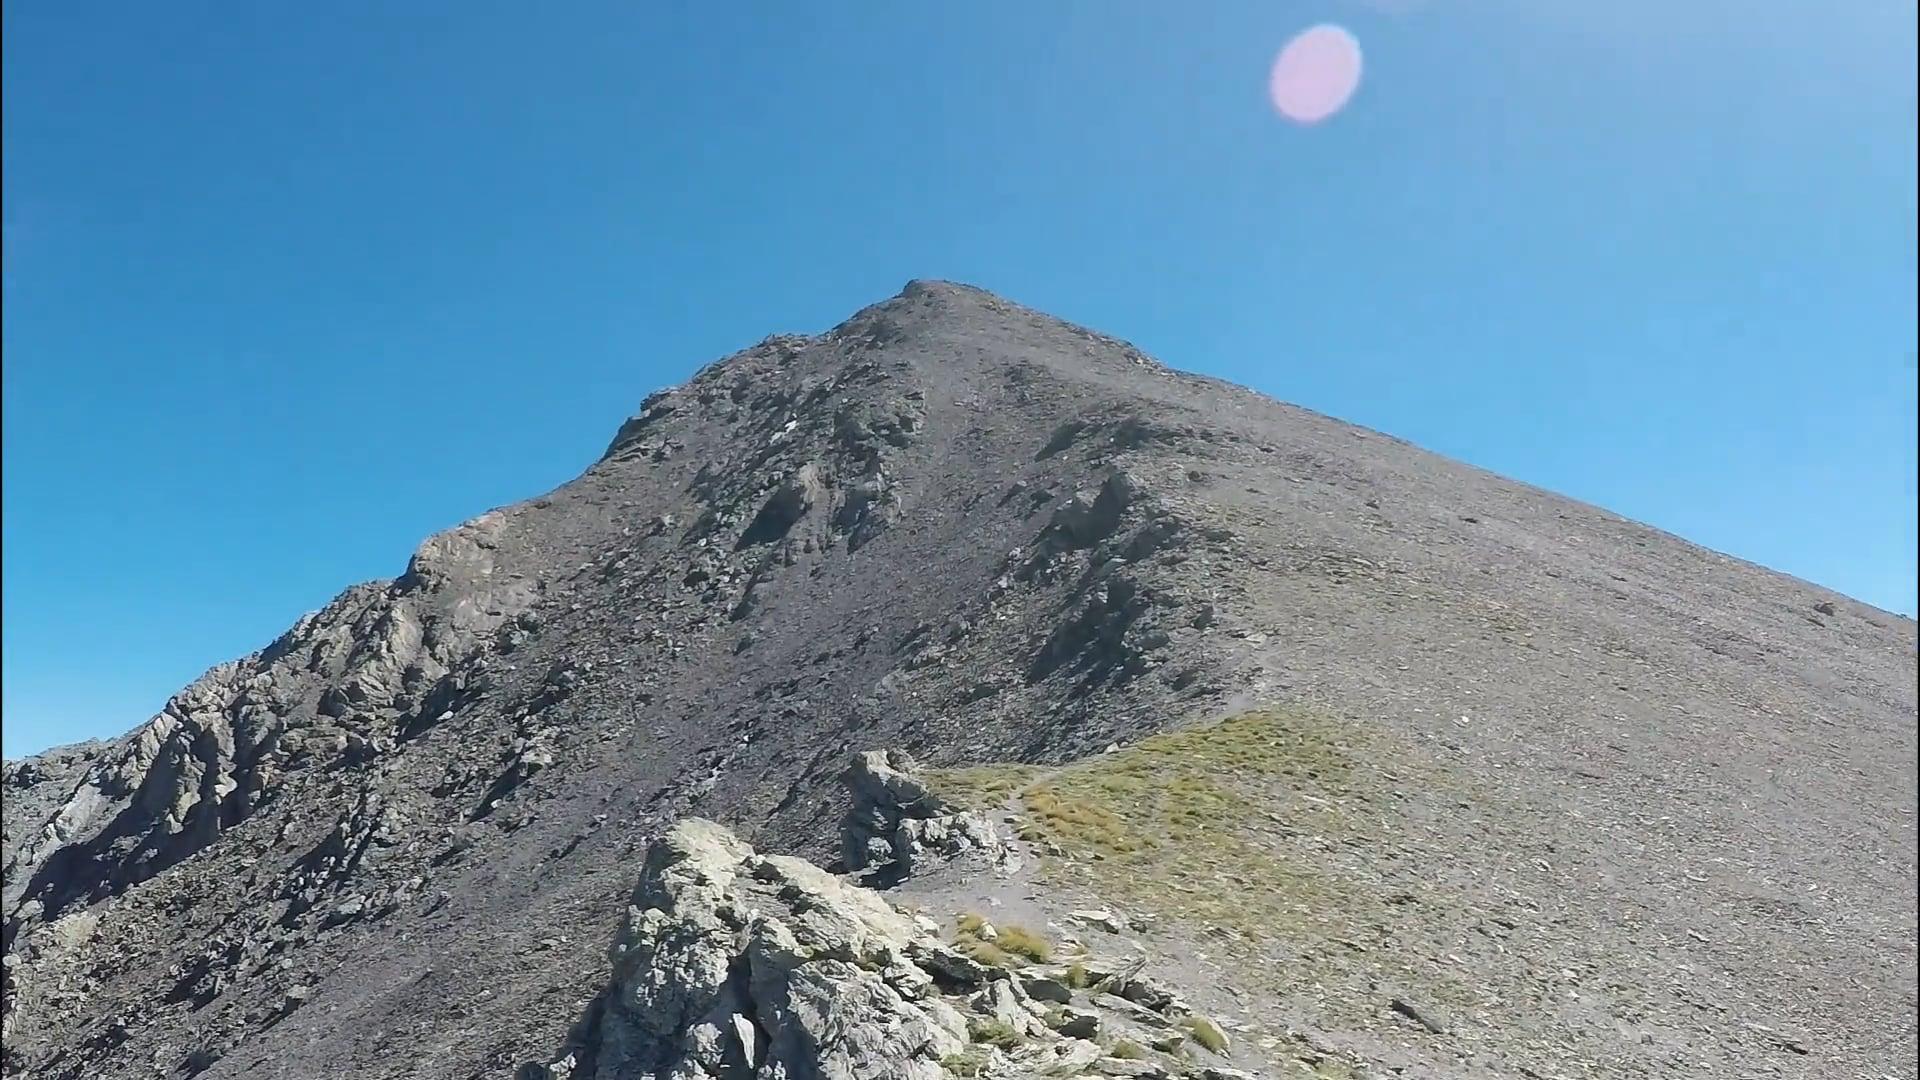 Salita al monte Rognosa di Sestriere - estate 2017